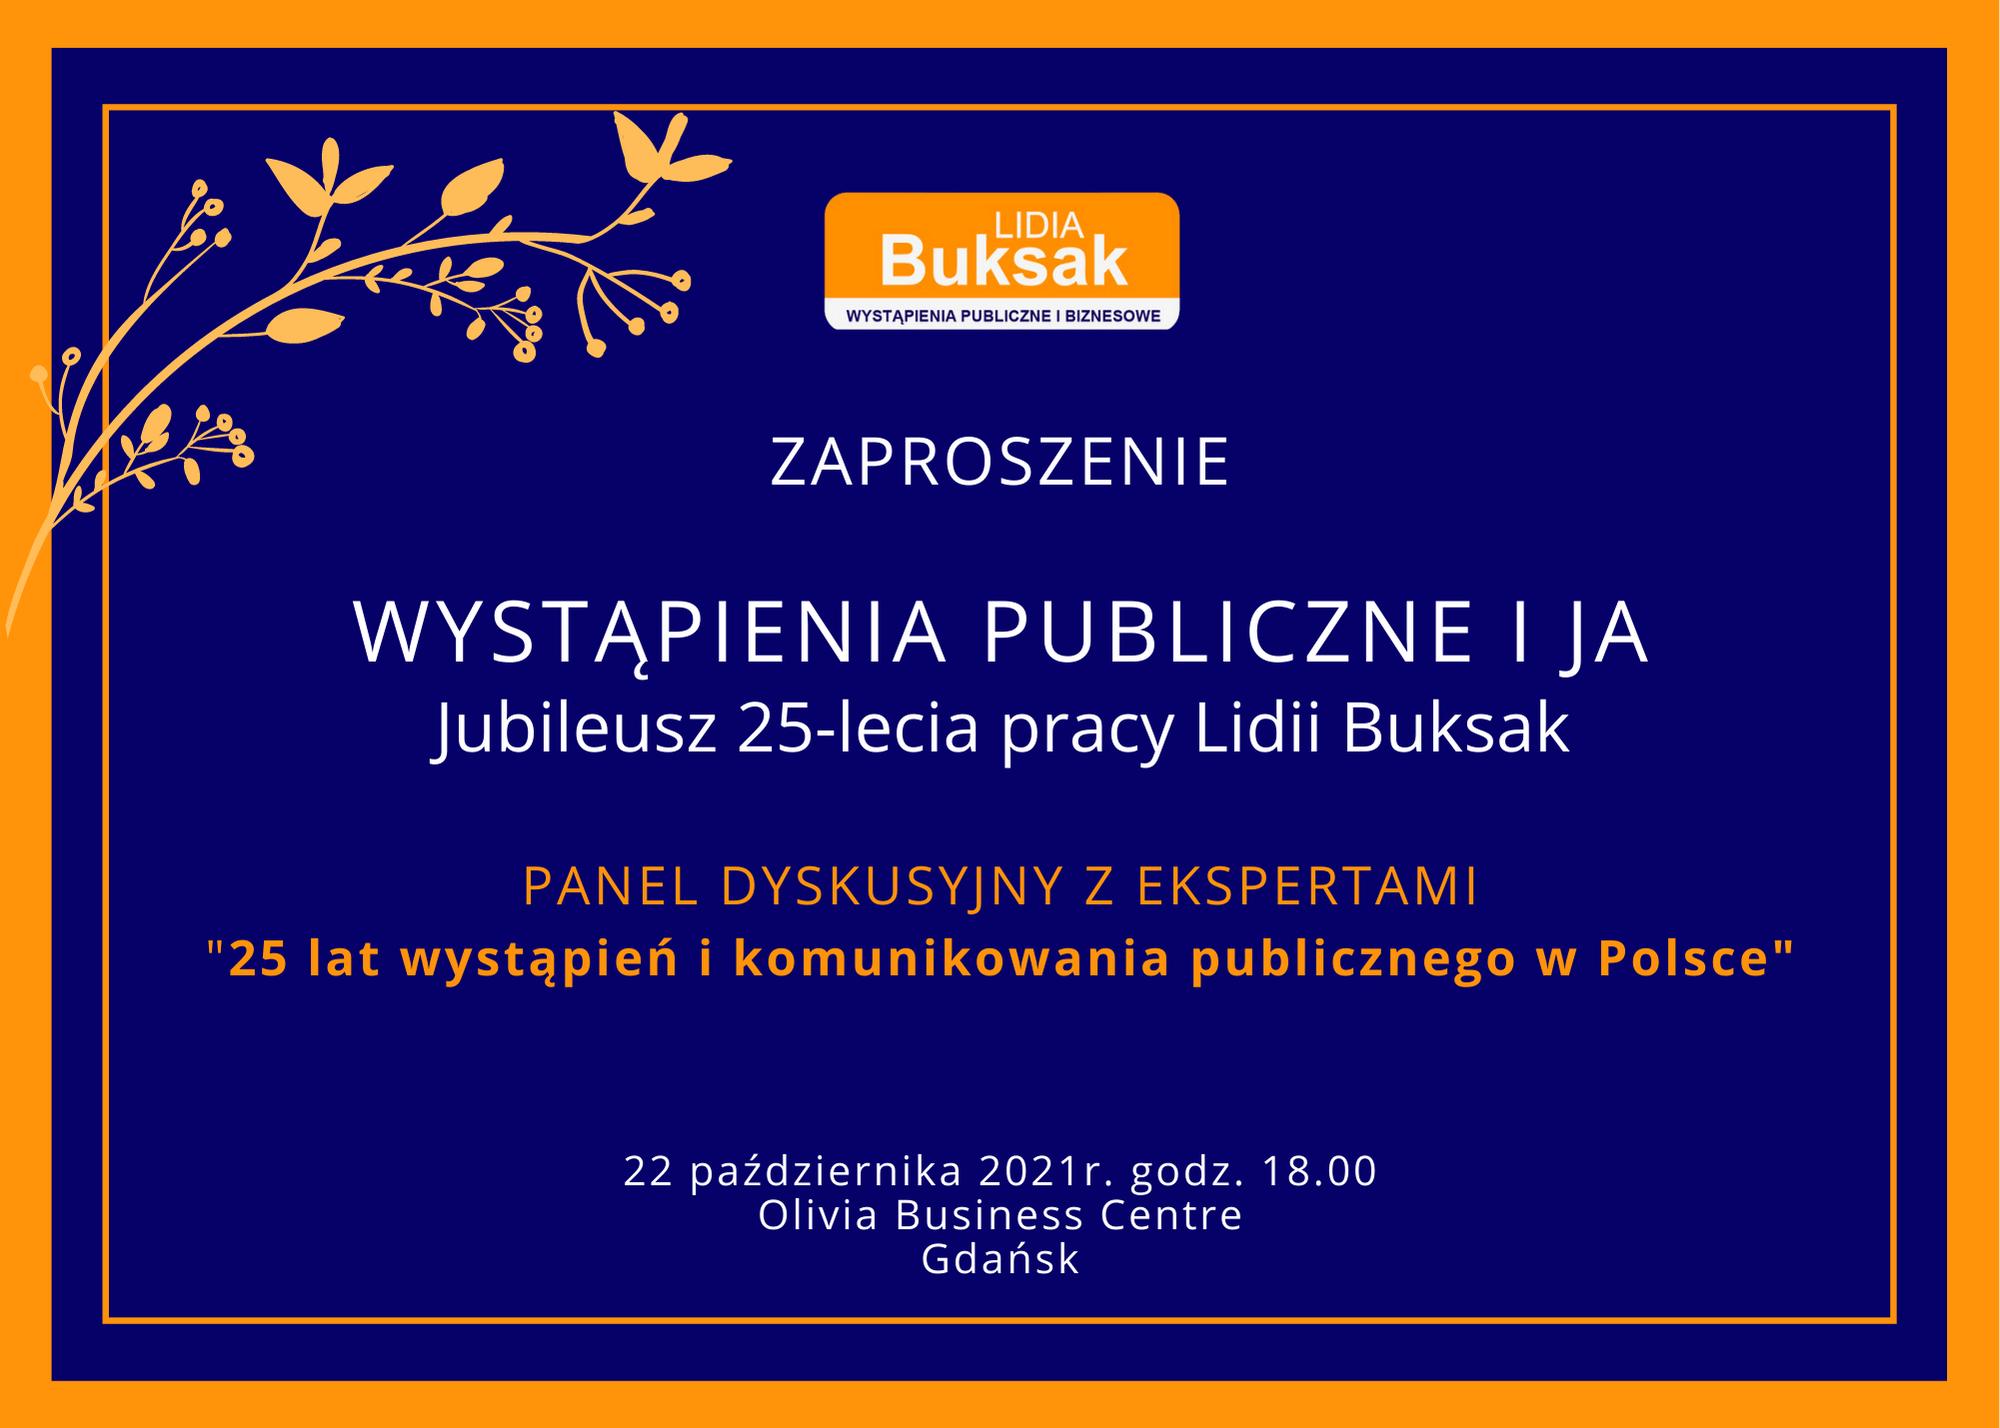 25 lat wystąpień i komunikowania publicznego w Polsce